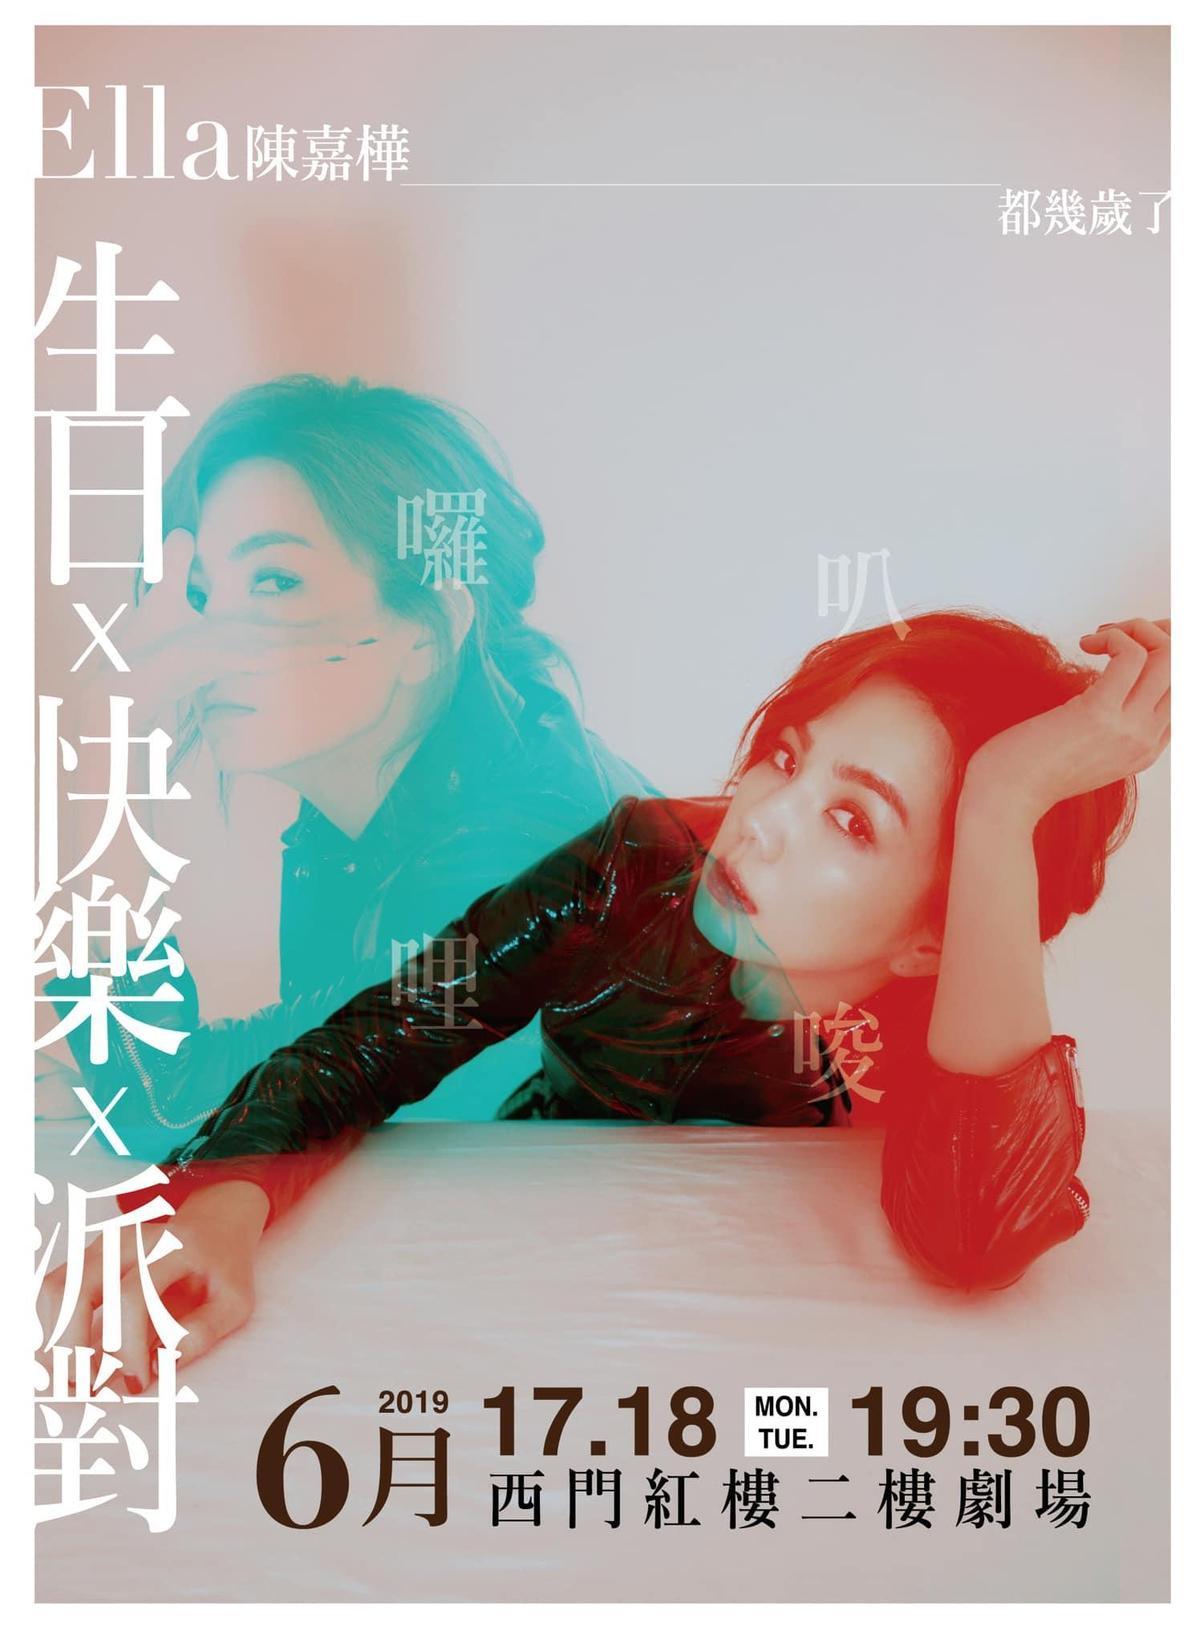 ELLA「生日x快樂x派對」一共2場,將在西門紅樓劇場舉行。(翻攝自勁樺娛樂)